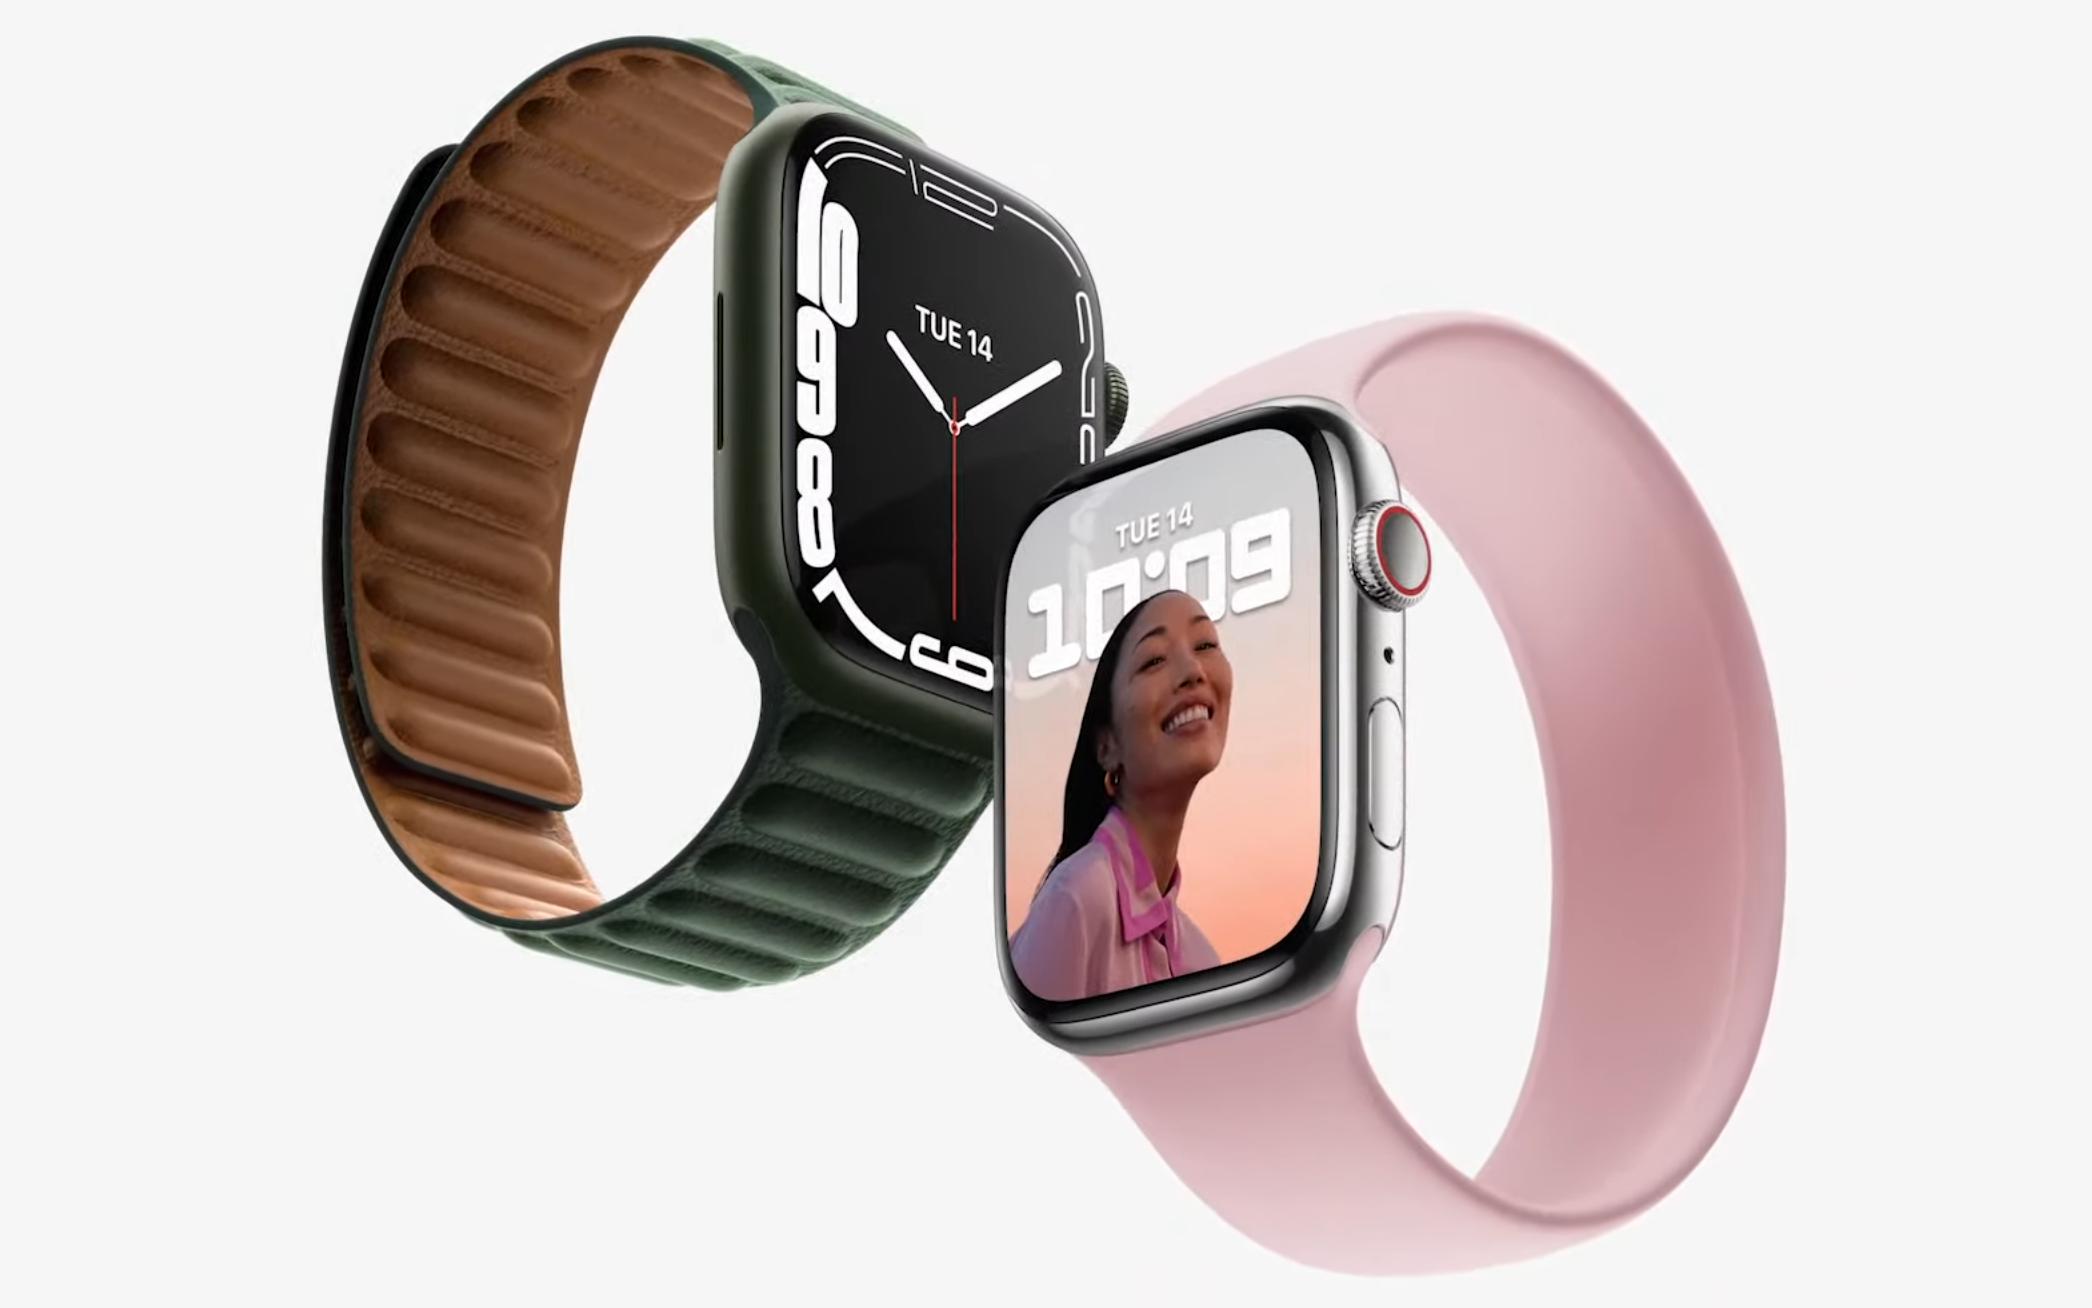 Nye Apple Watch-klokker dukket opp. Den var kanskje kveldens kjedeligste på maskinvaren i seg selv. Men en ting berget inntrykket litt for undertegnede - og kanskje for deg også - endelig kan den spore elsykling på en god måte. Det er det svært få smartklokker som kan - elektrisk assistert sykling er noe vi gjør ganske mye av i dette landet etter hvert.